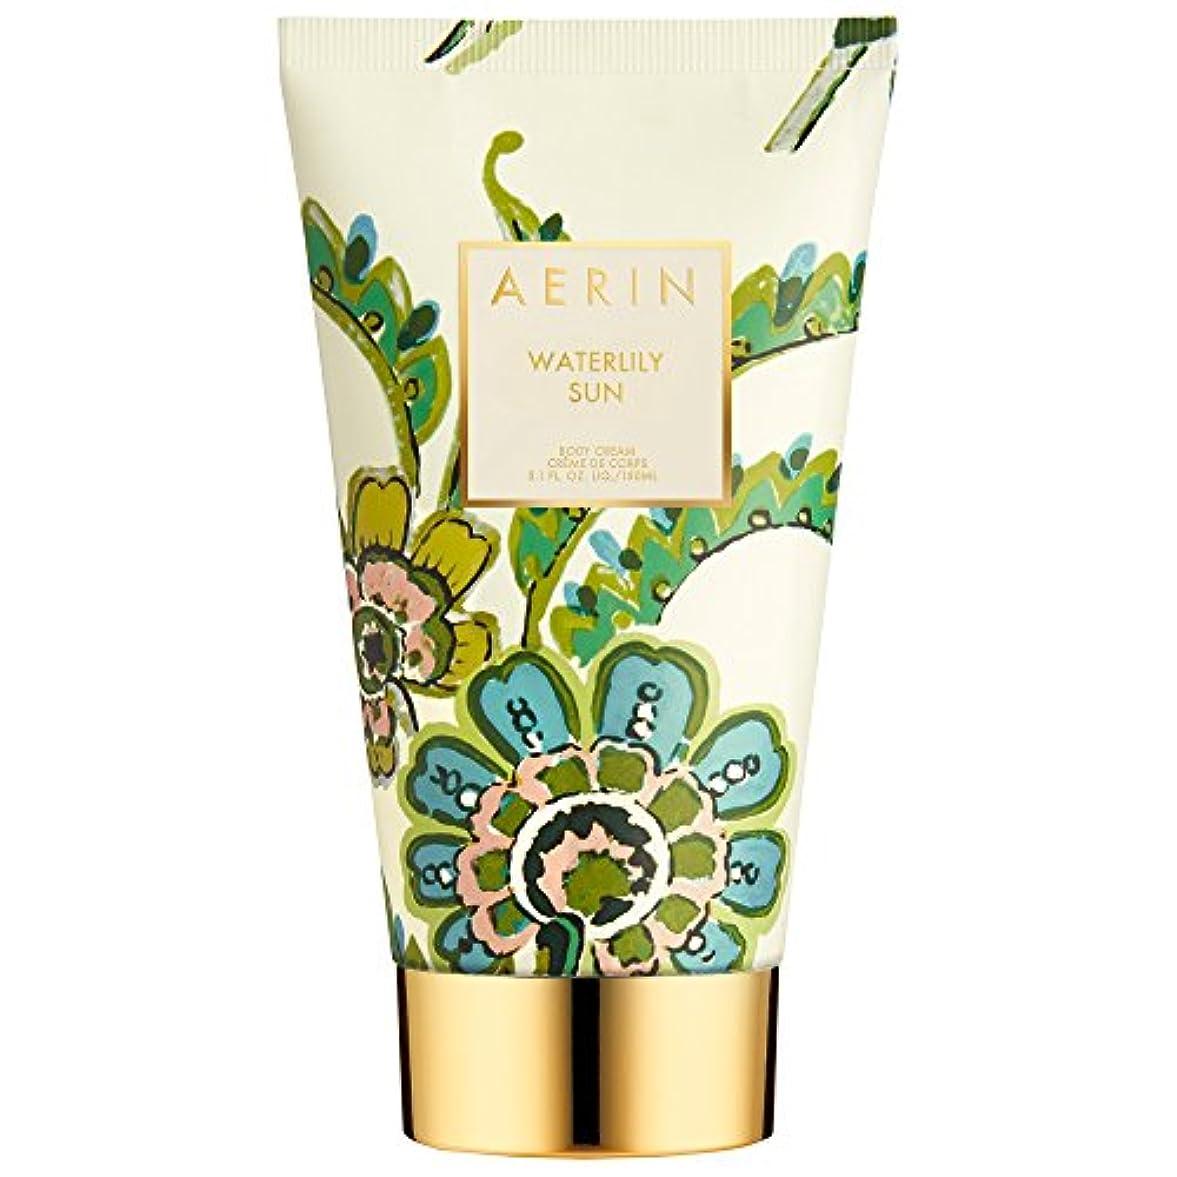 事業内容努力トリップAerinスイレン日ボディクリーム150ミリリットル (AERIN) (x6) - AERIN Waterlily Sun Body Cream 150ml (Pack of 6) [並行輸入品]